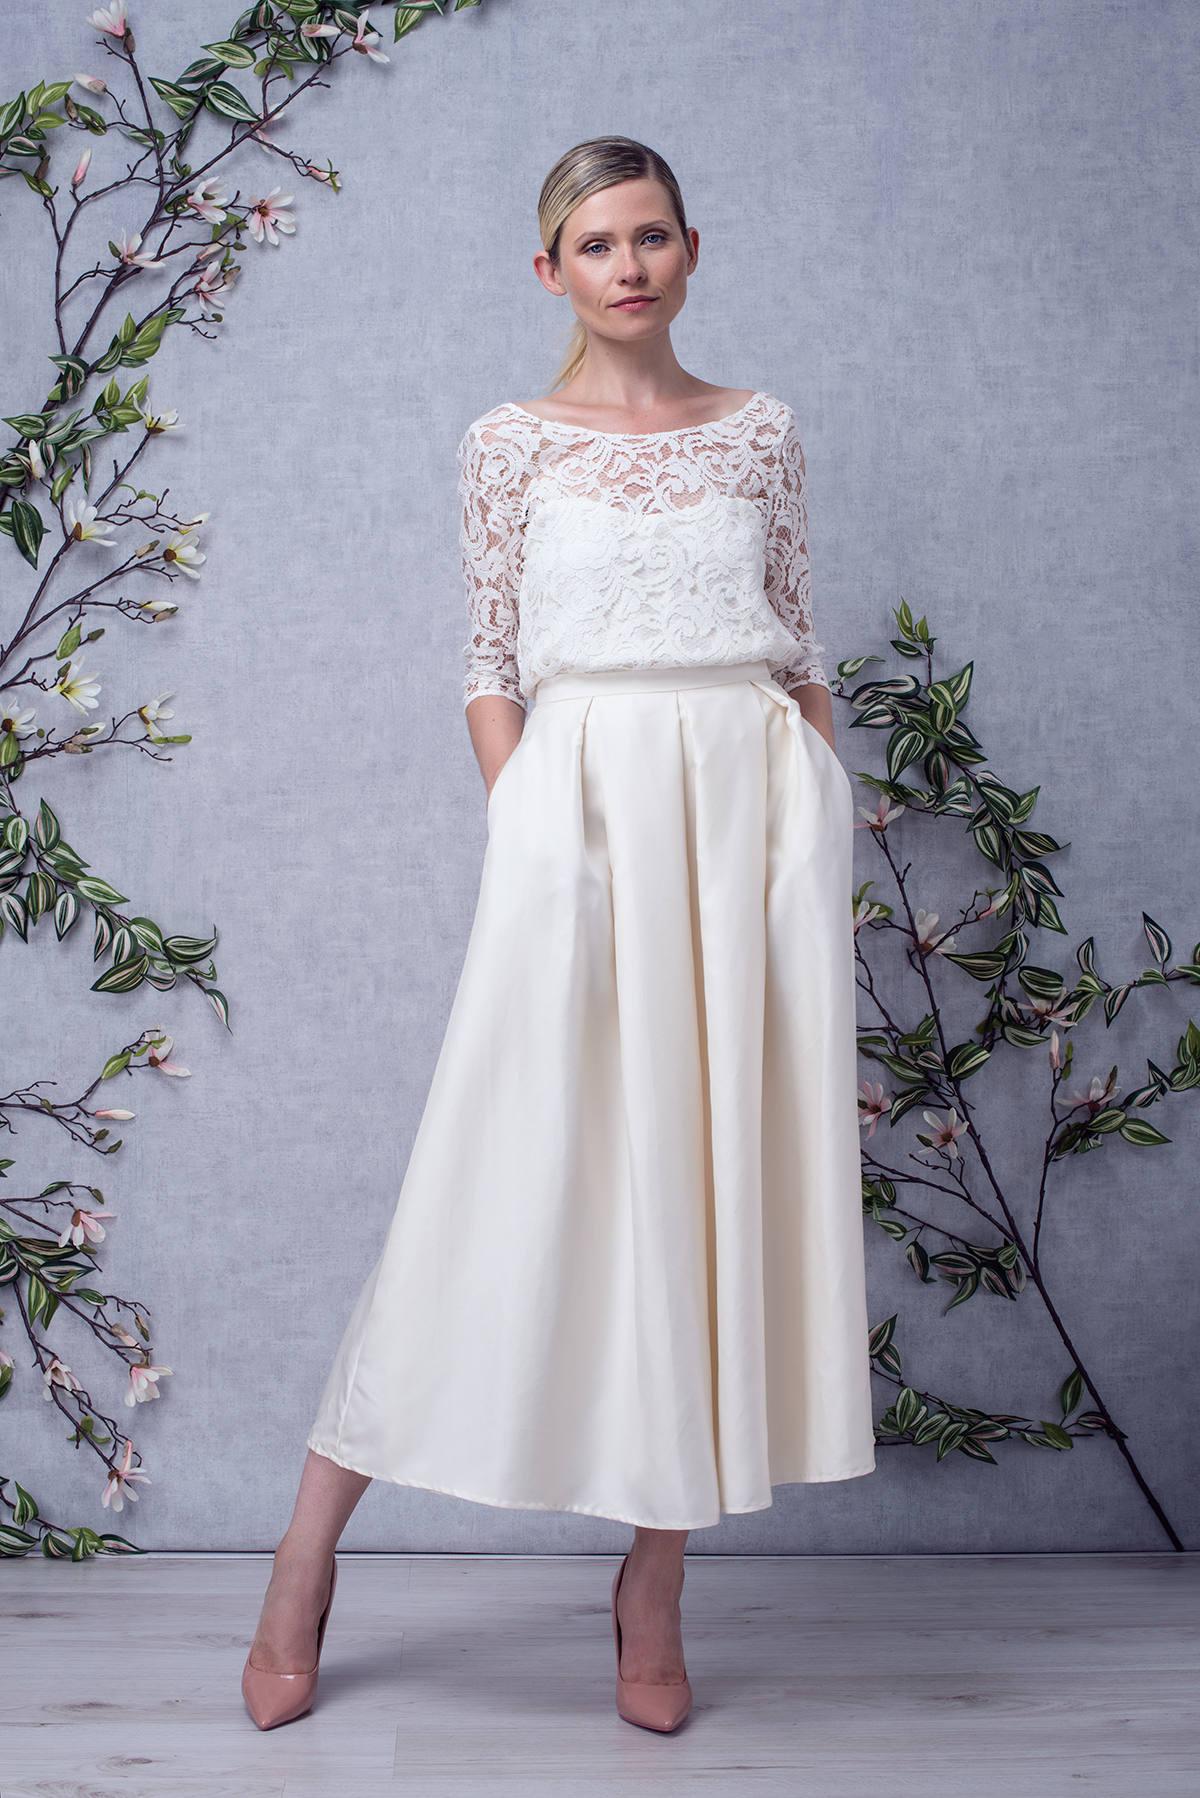 BIANCA / / Hochzeit Kleid kurzes Top in Spitze 3/4 Ärmel hohe